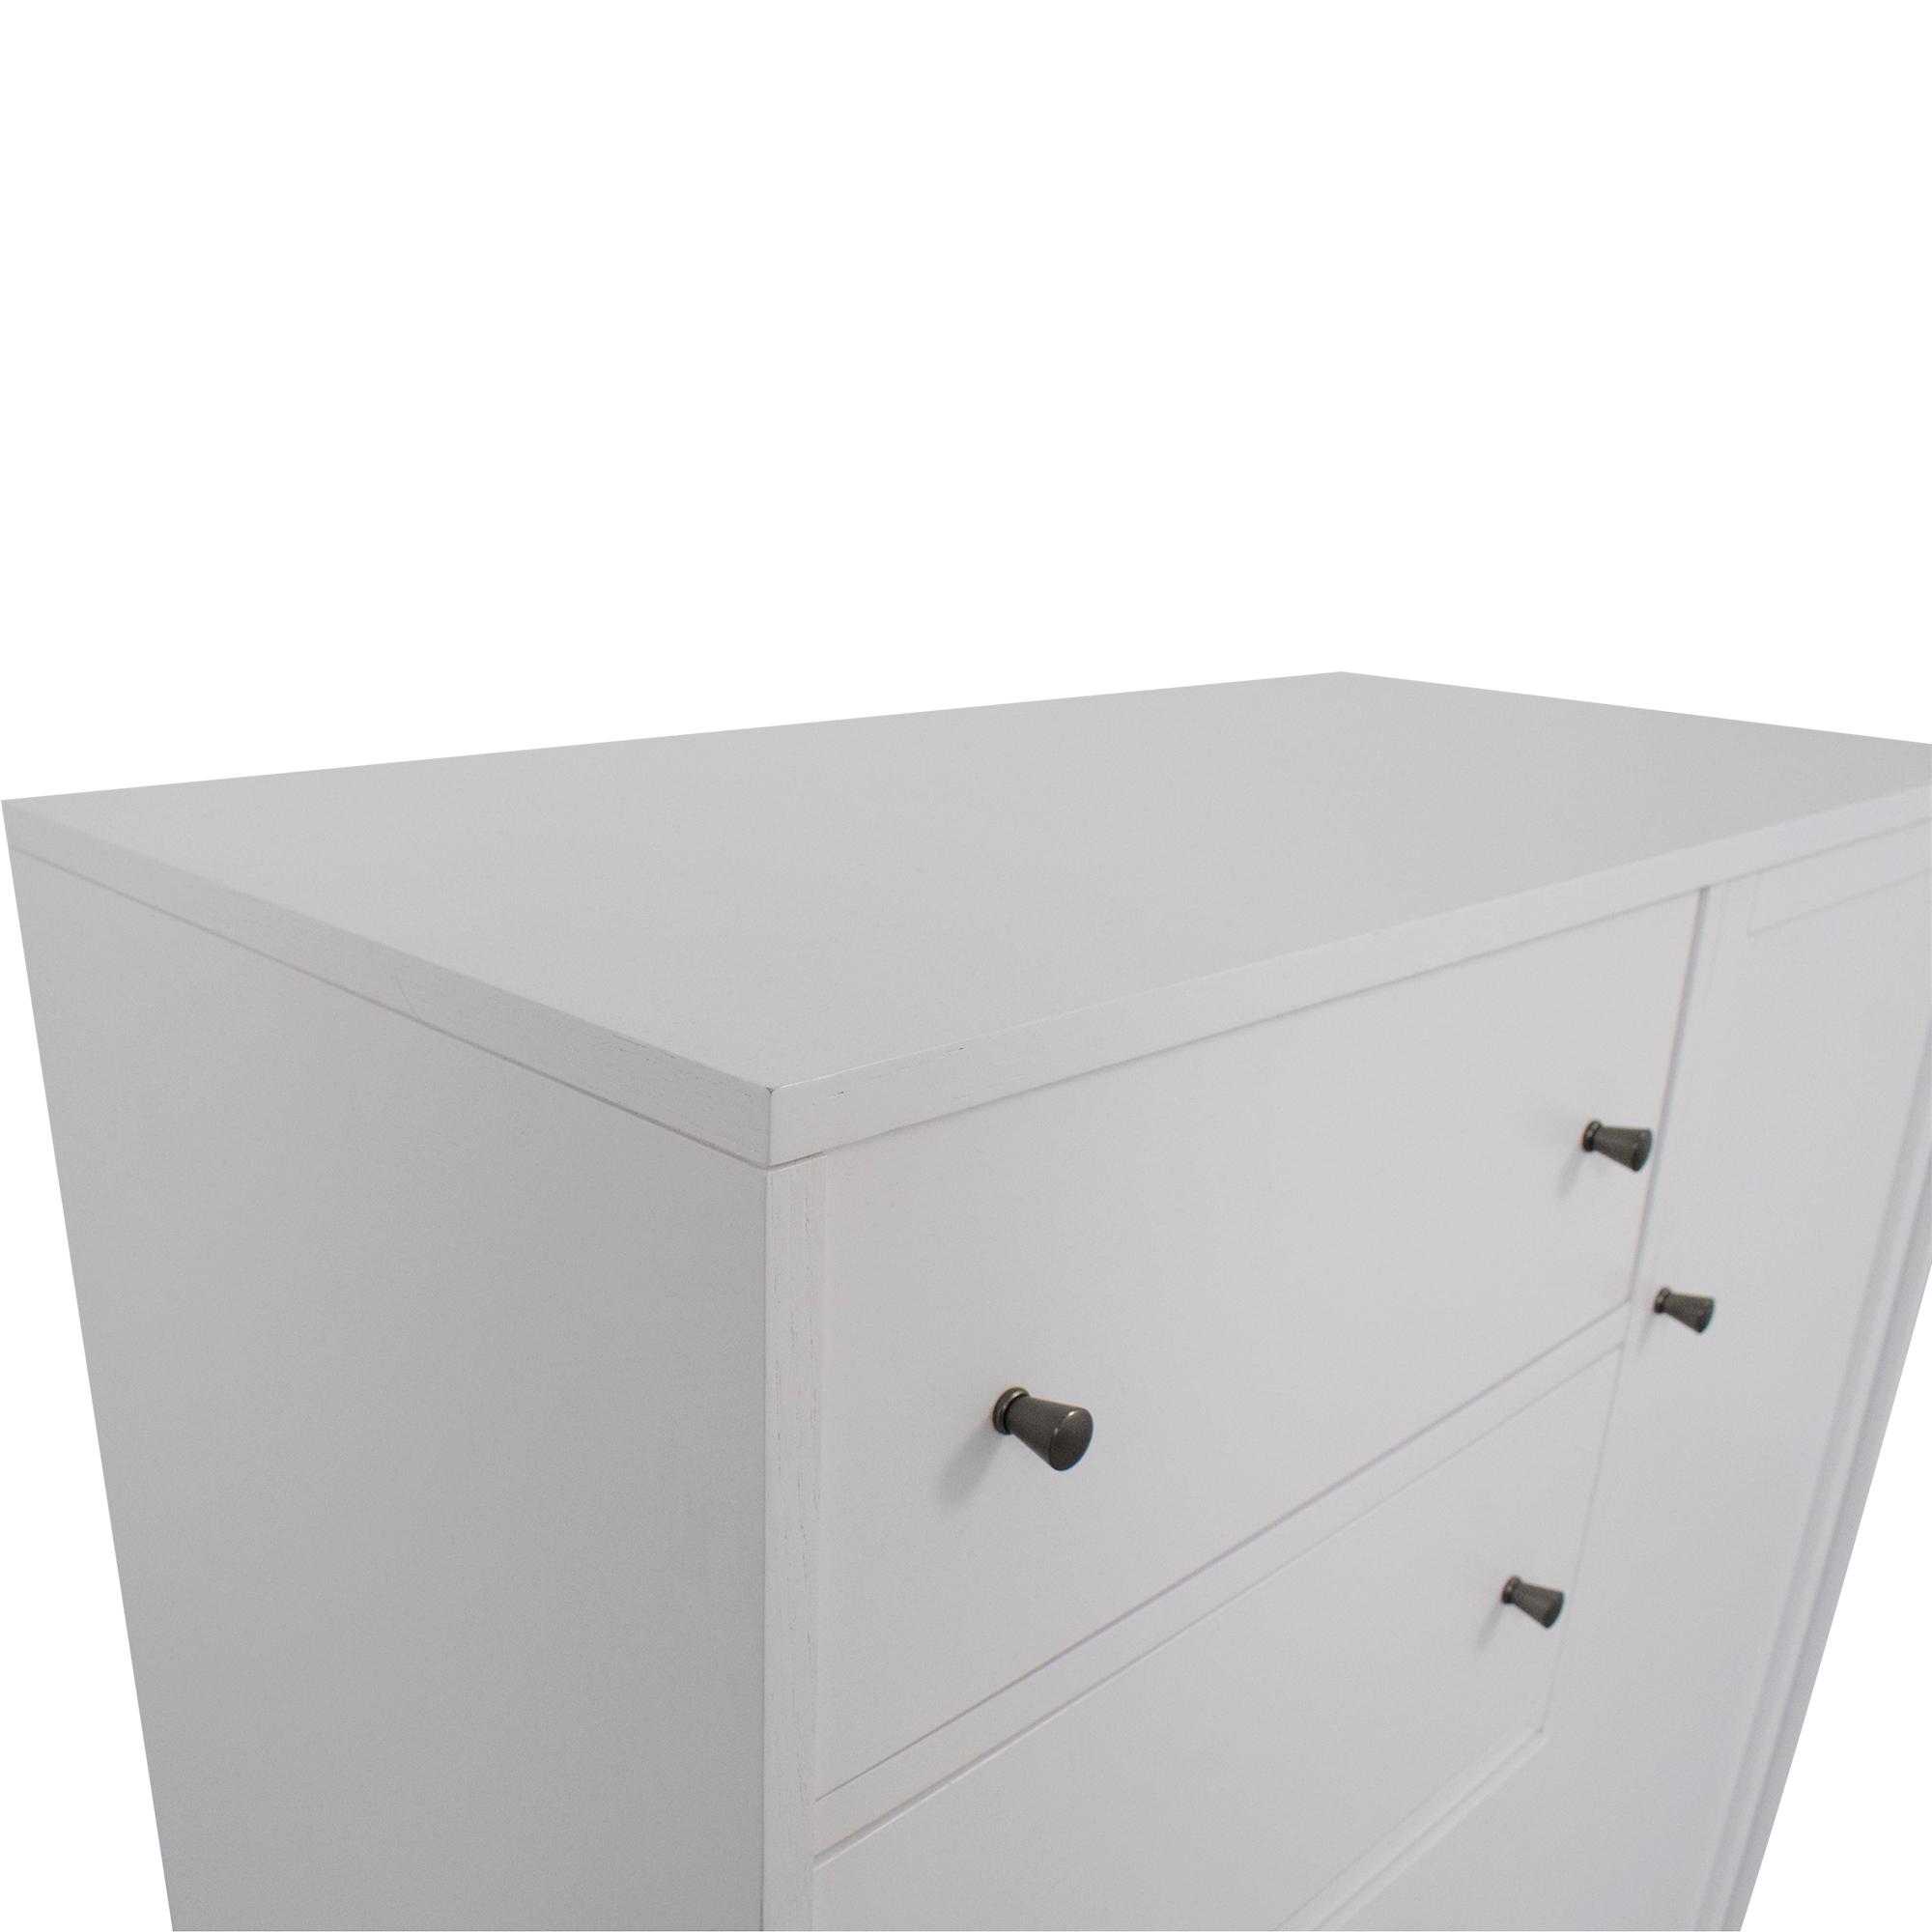 Crate & Barrel Crate & Barrel Barnes Wardrobe ct